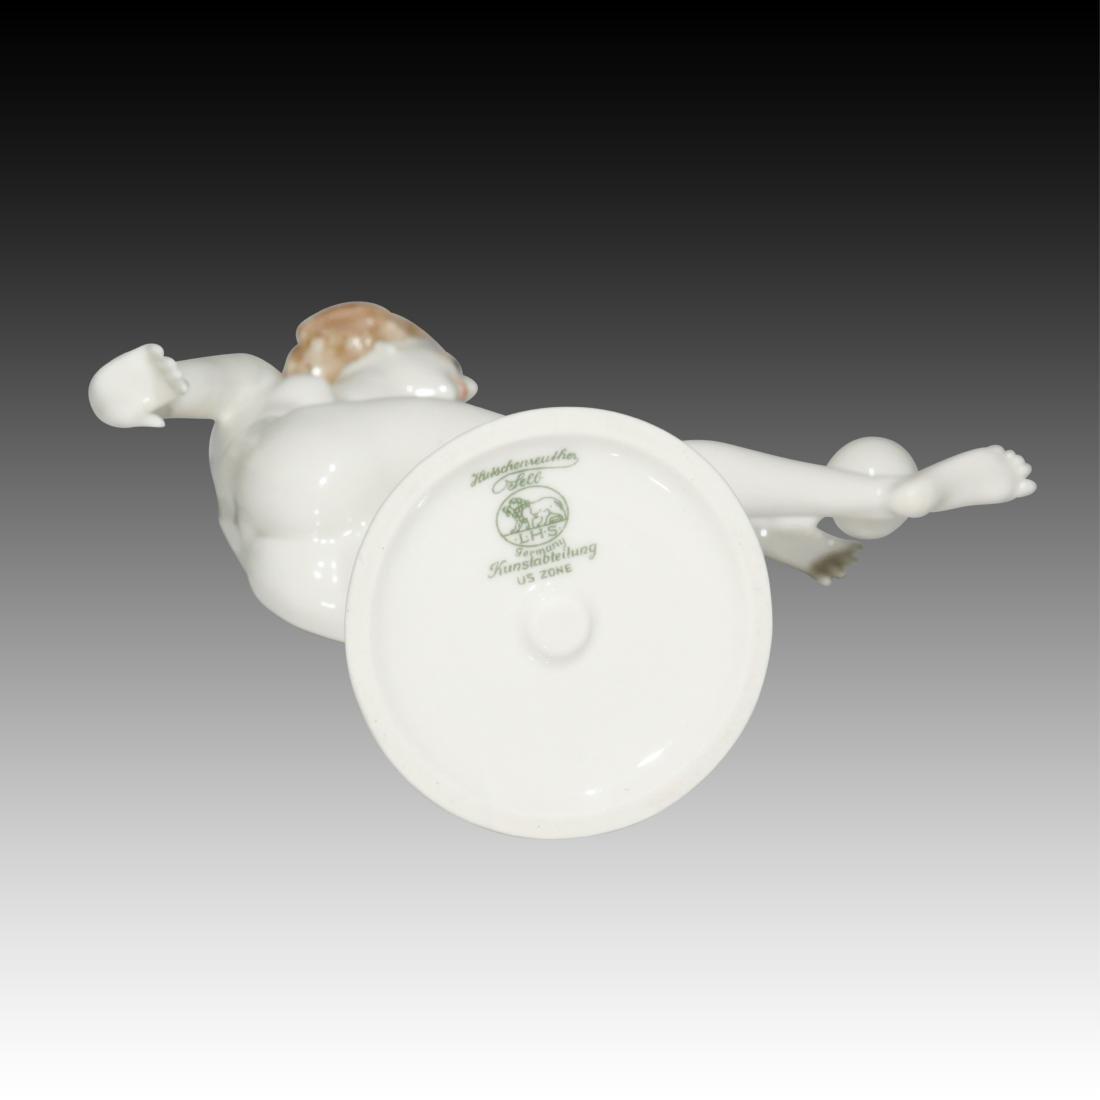 Hutschenreuther Girl Balancing a Ball Figurine - 3